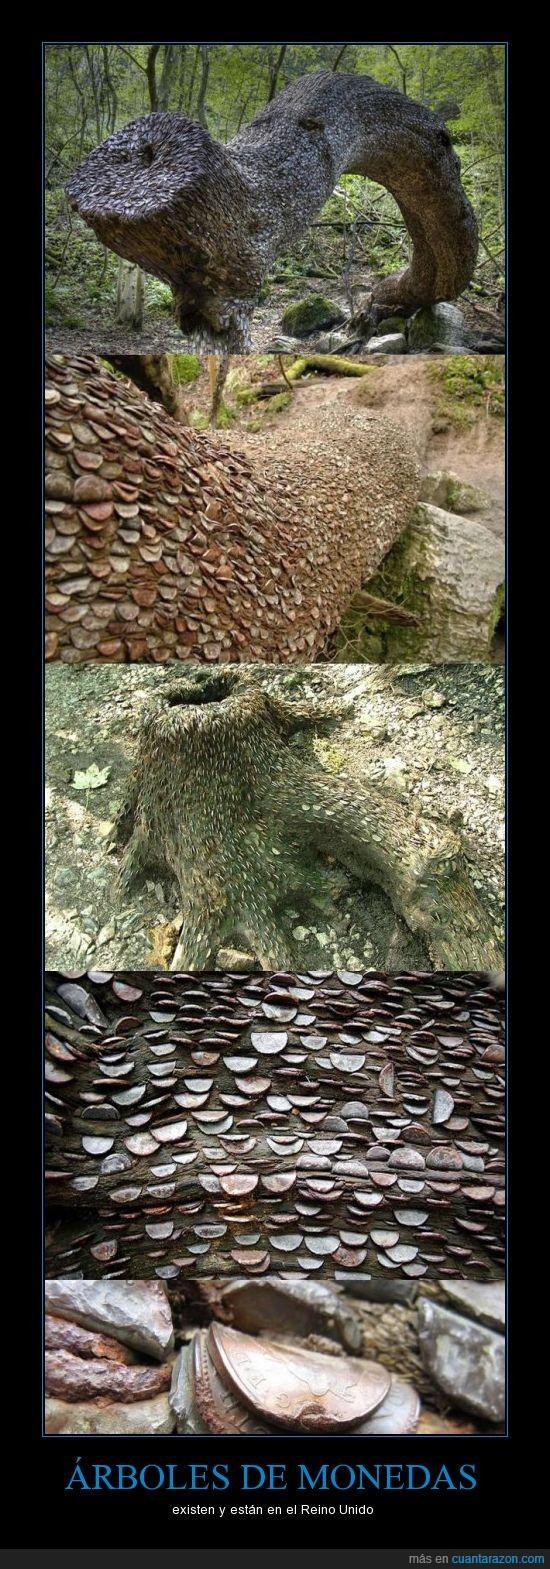 arbol,monedas,reino unido,vinz